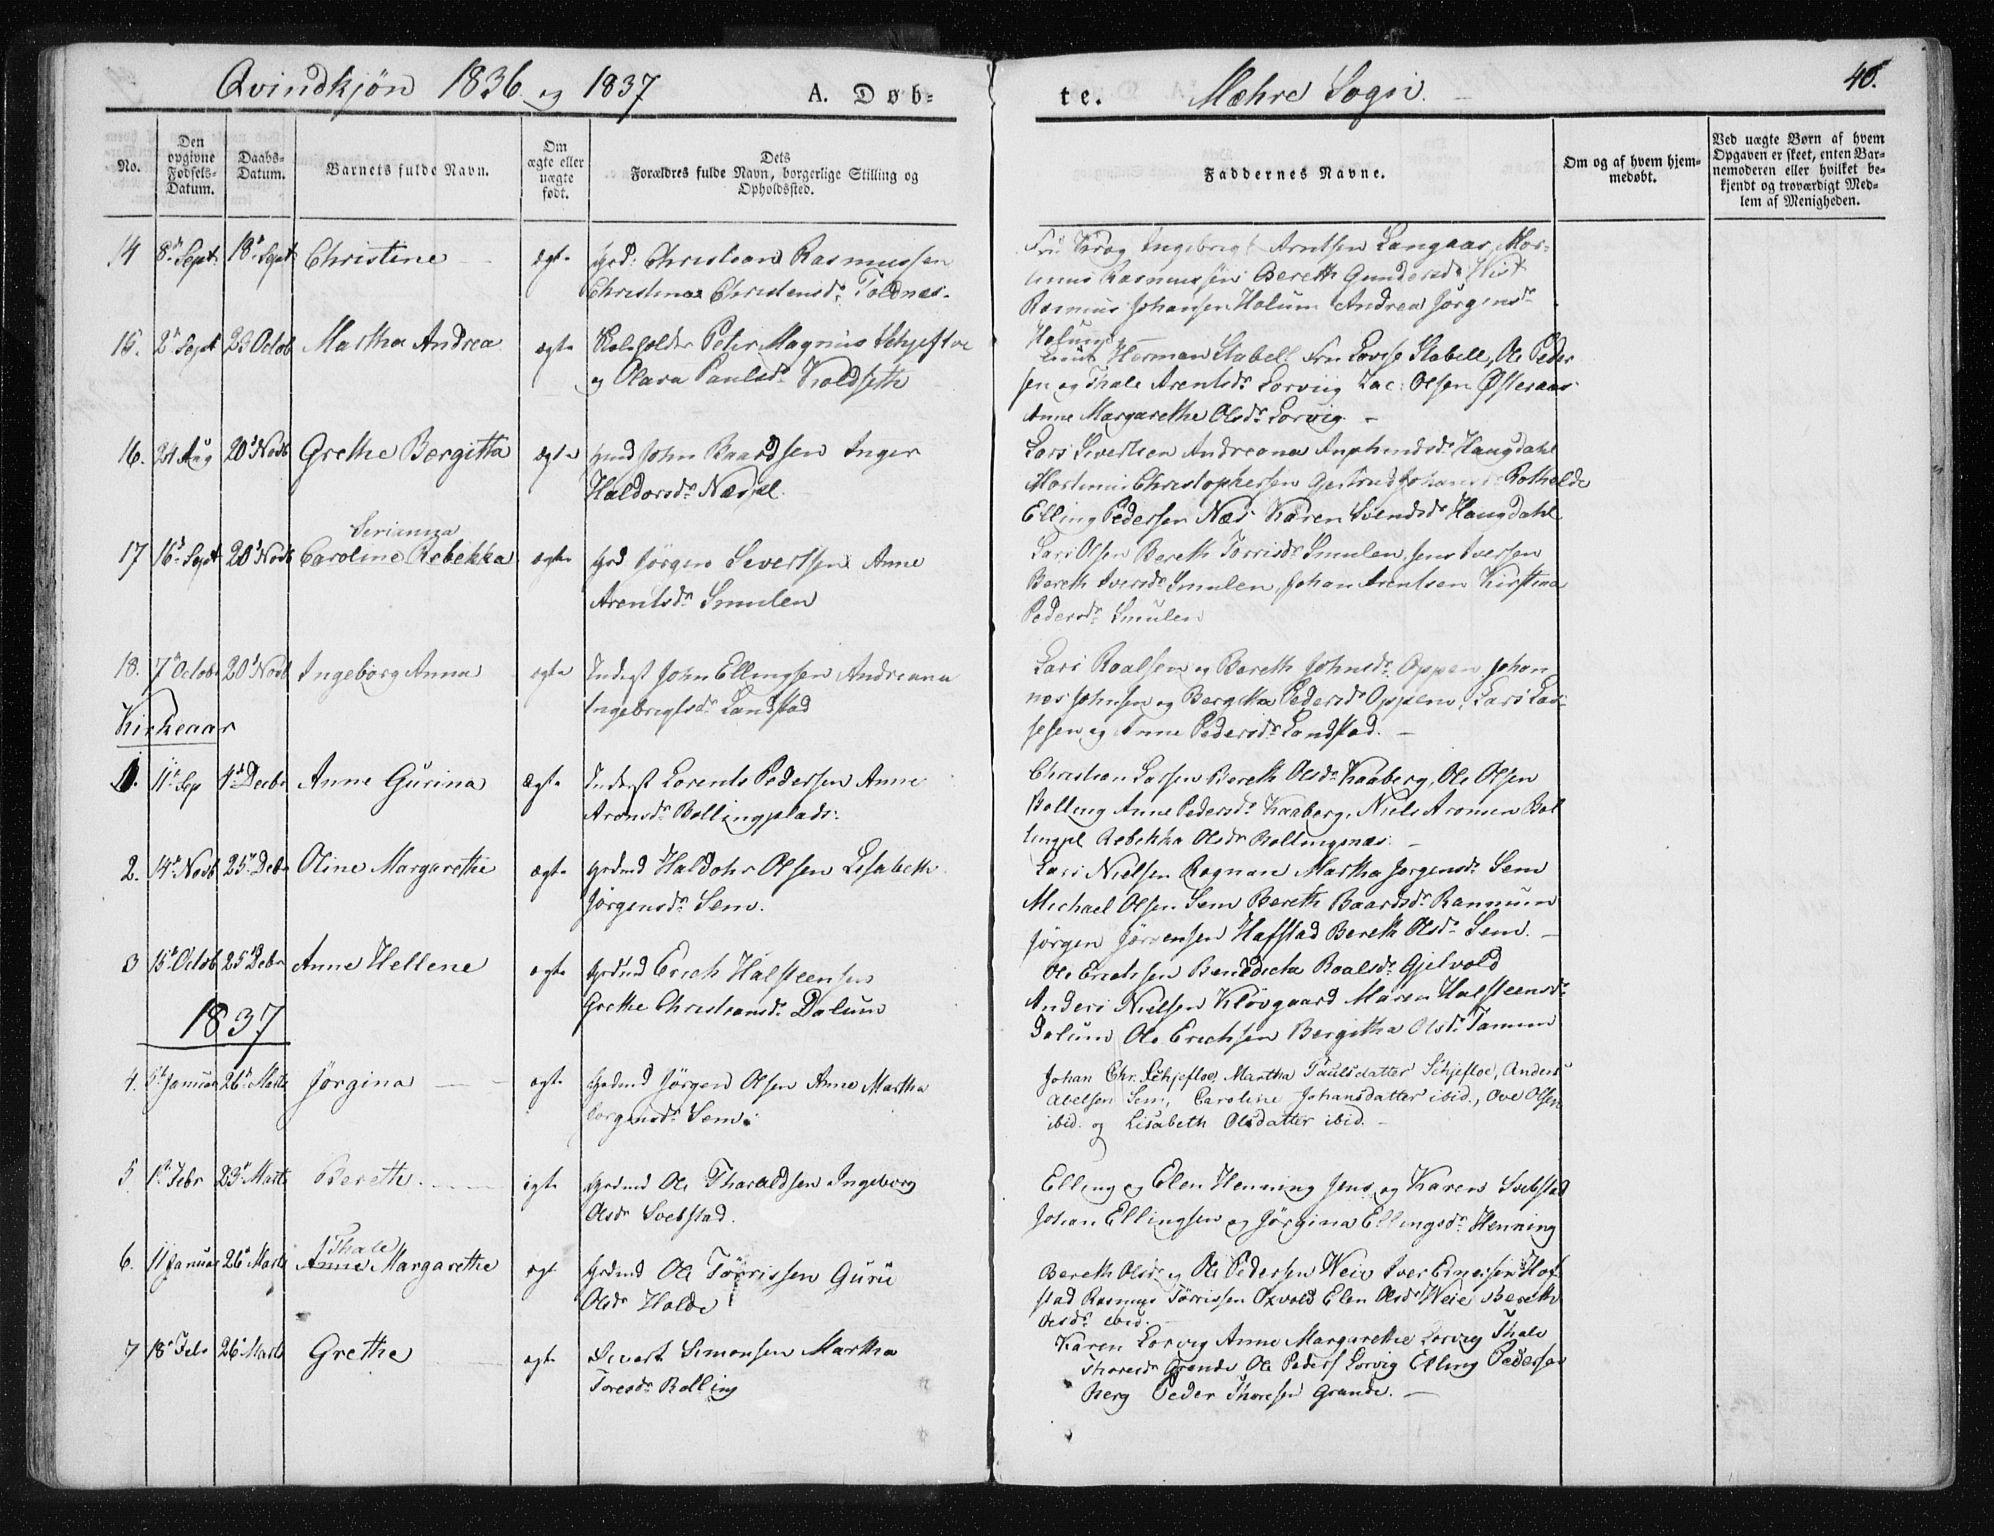 SAT, Ministerialprotokoller, klokkerbøker og fødselsregistre - Nord-Trøndelag, 735/L0339: Ministerialbok nr. 735A06 /1, 1836-1848, s. 40